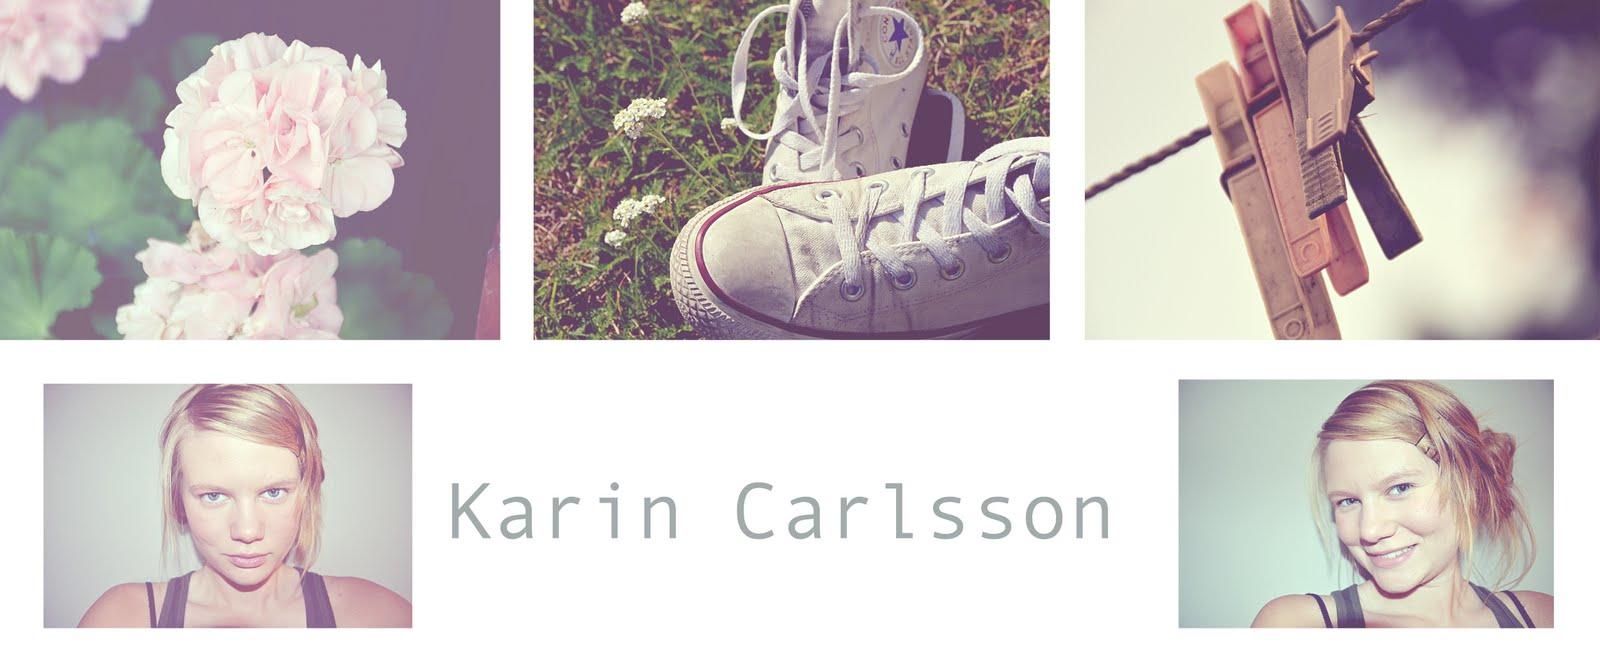 Karin Carlsson